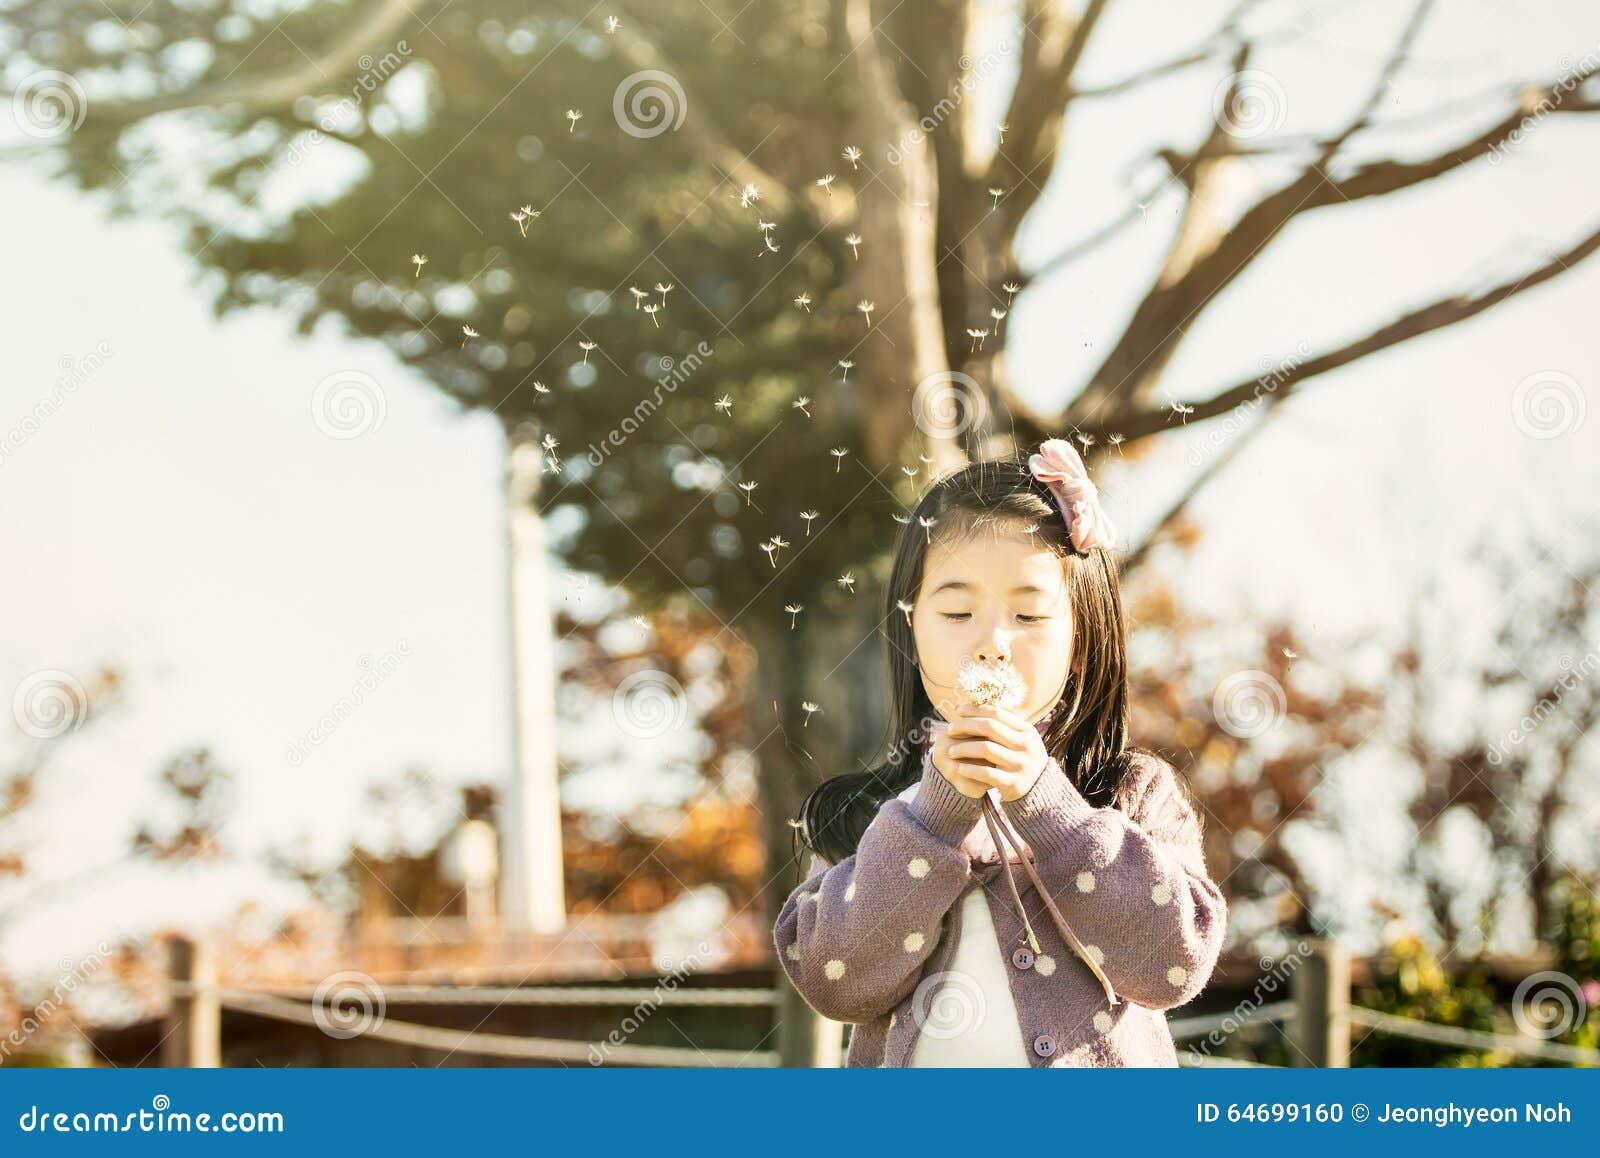 吹一个蒲公英的孩子在公园